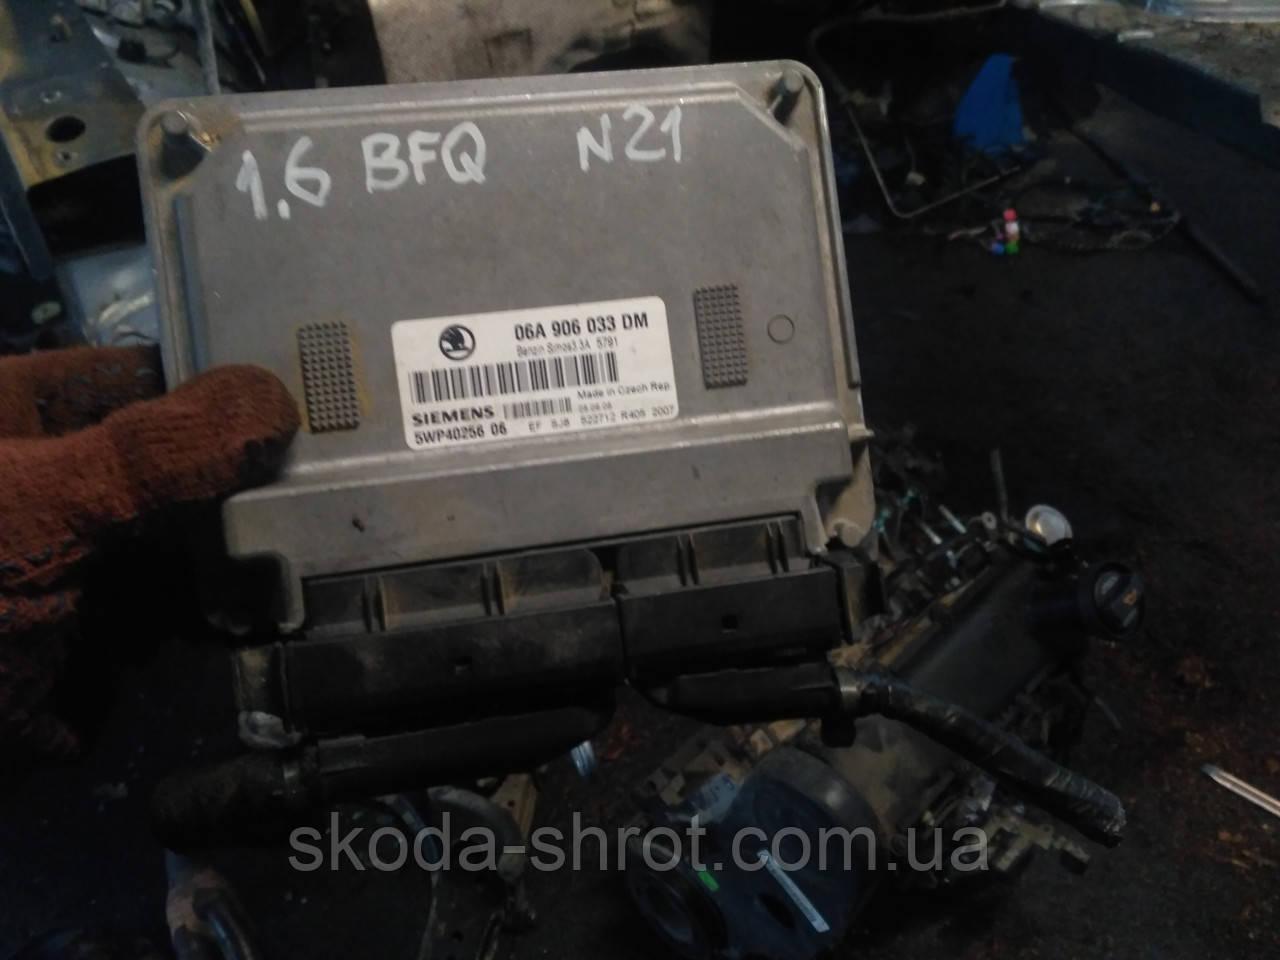 Блок управления двигателем  мозги Skoda Octavia BFQ 1,6 06A906033DM